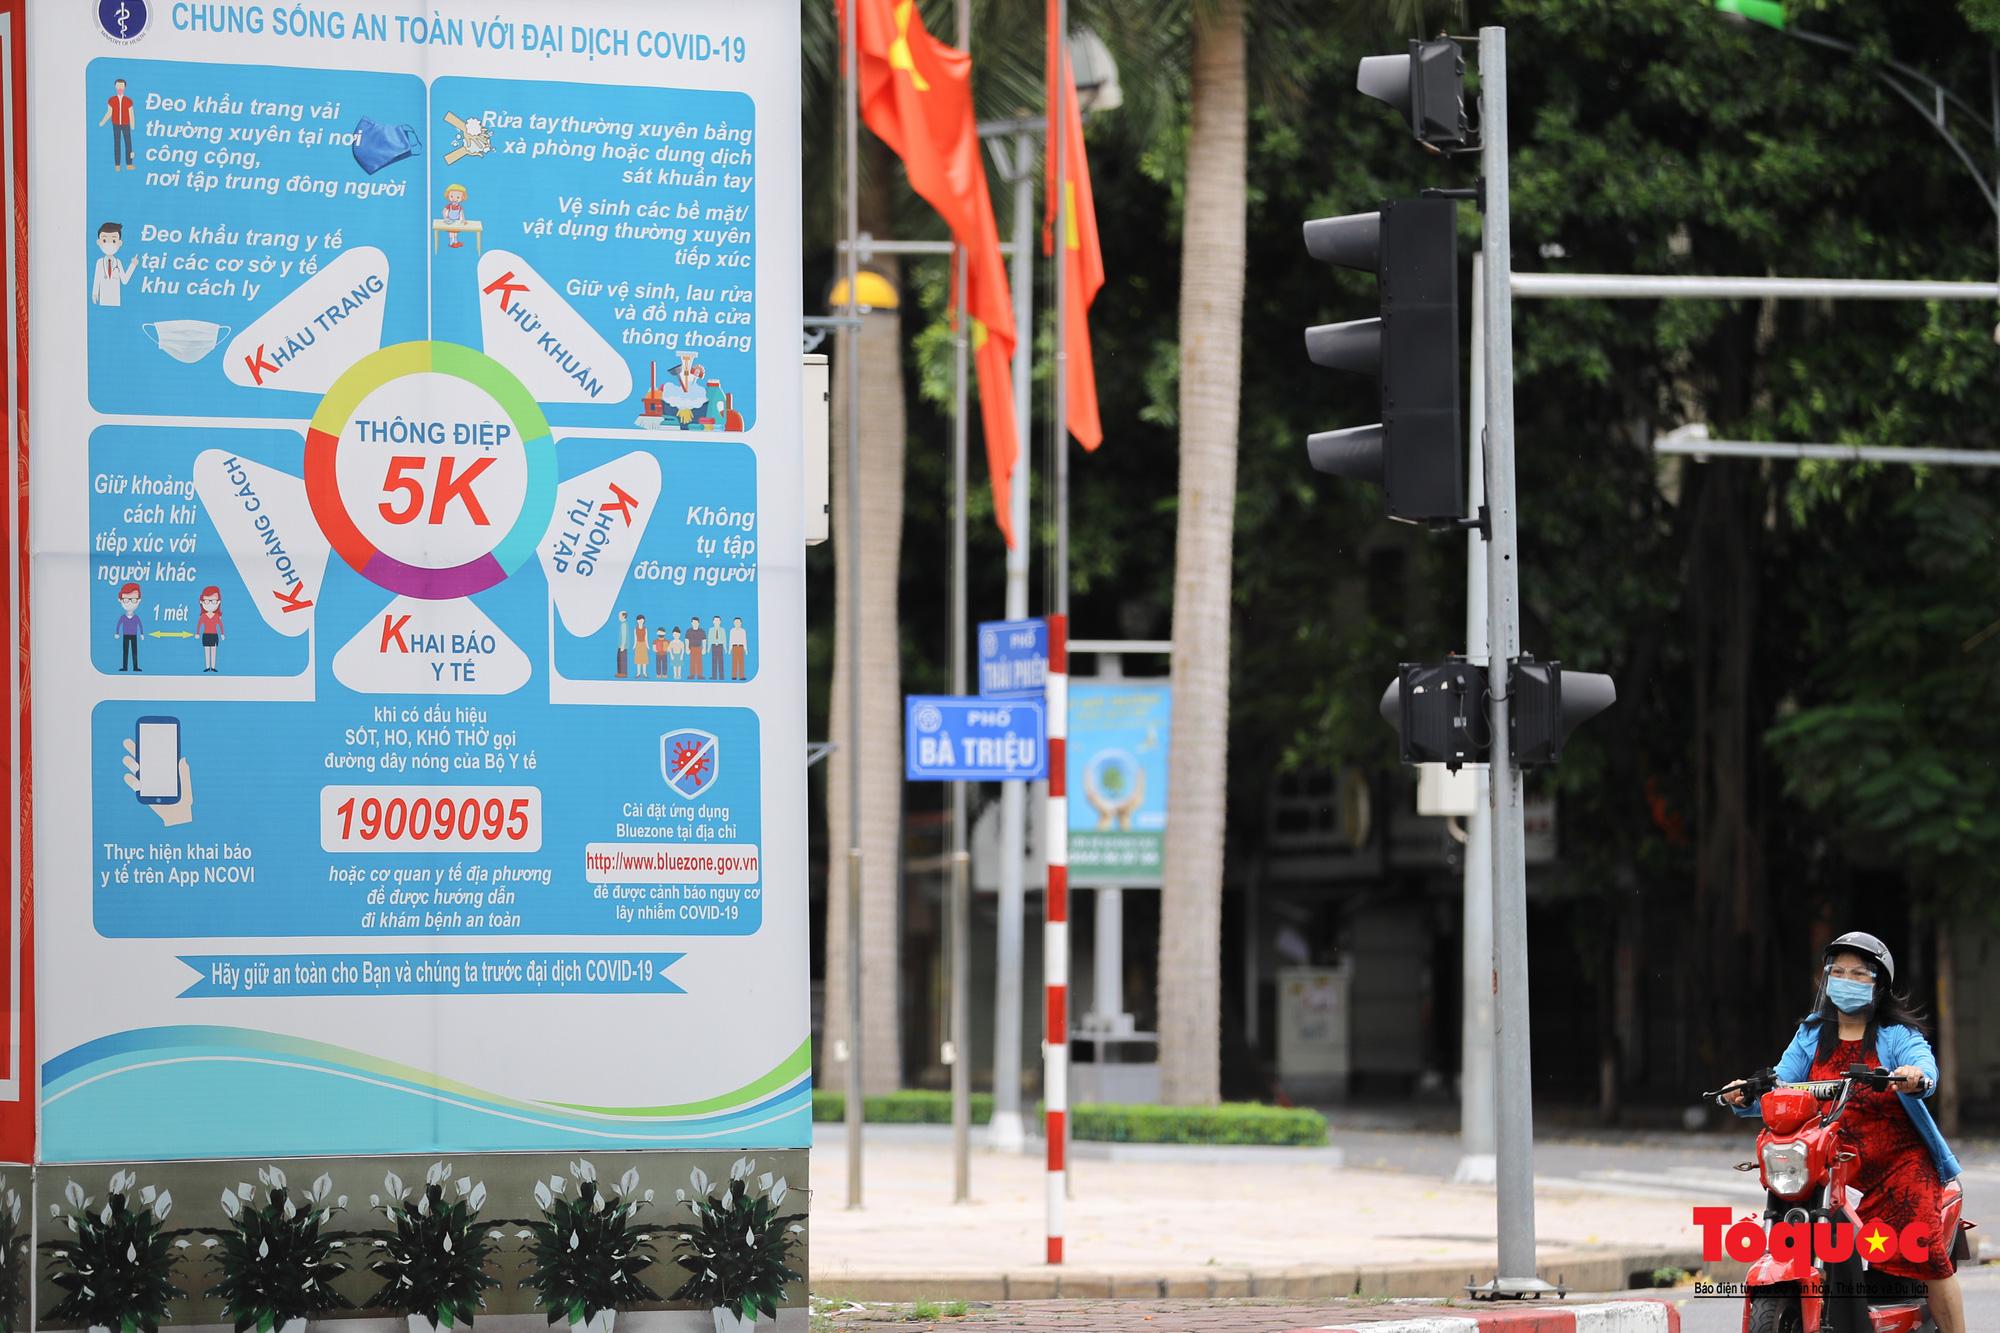 Pano, hình ảnh cổ động phòng chống dịch COVID-19 trên khắp đường phố Hà Nội - Ảnh 2.